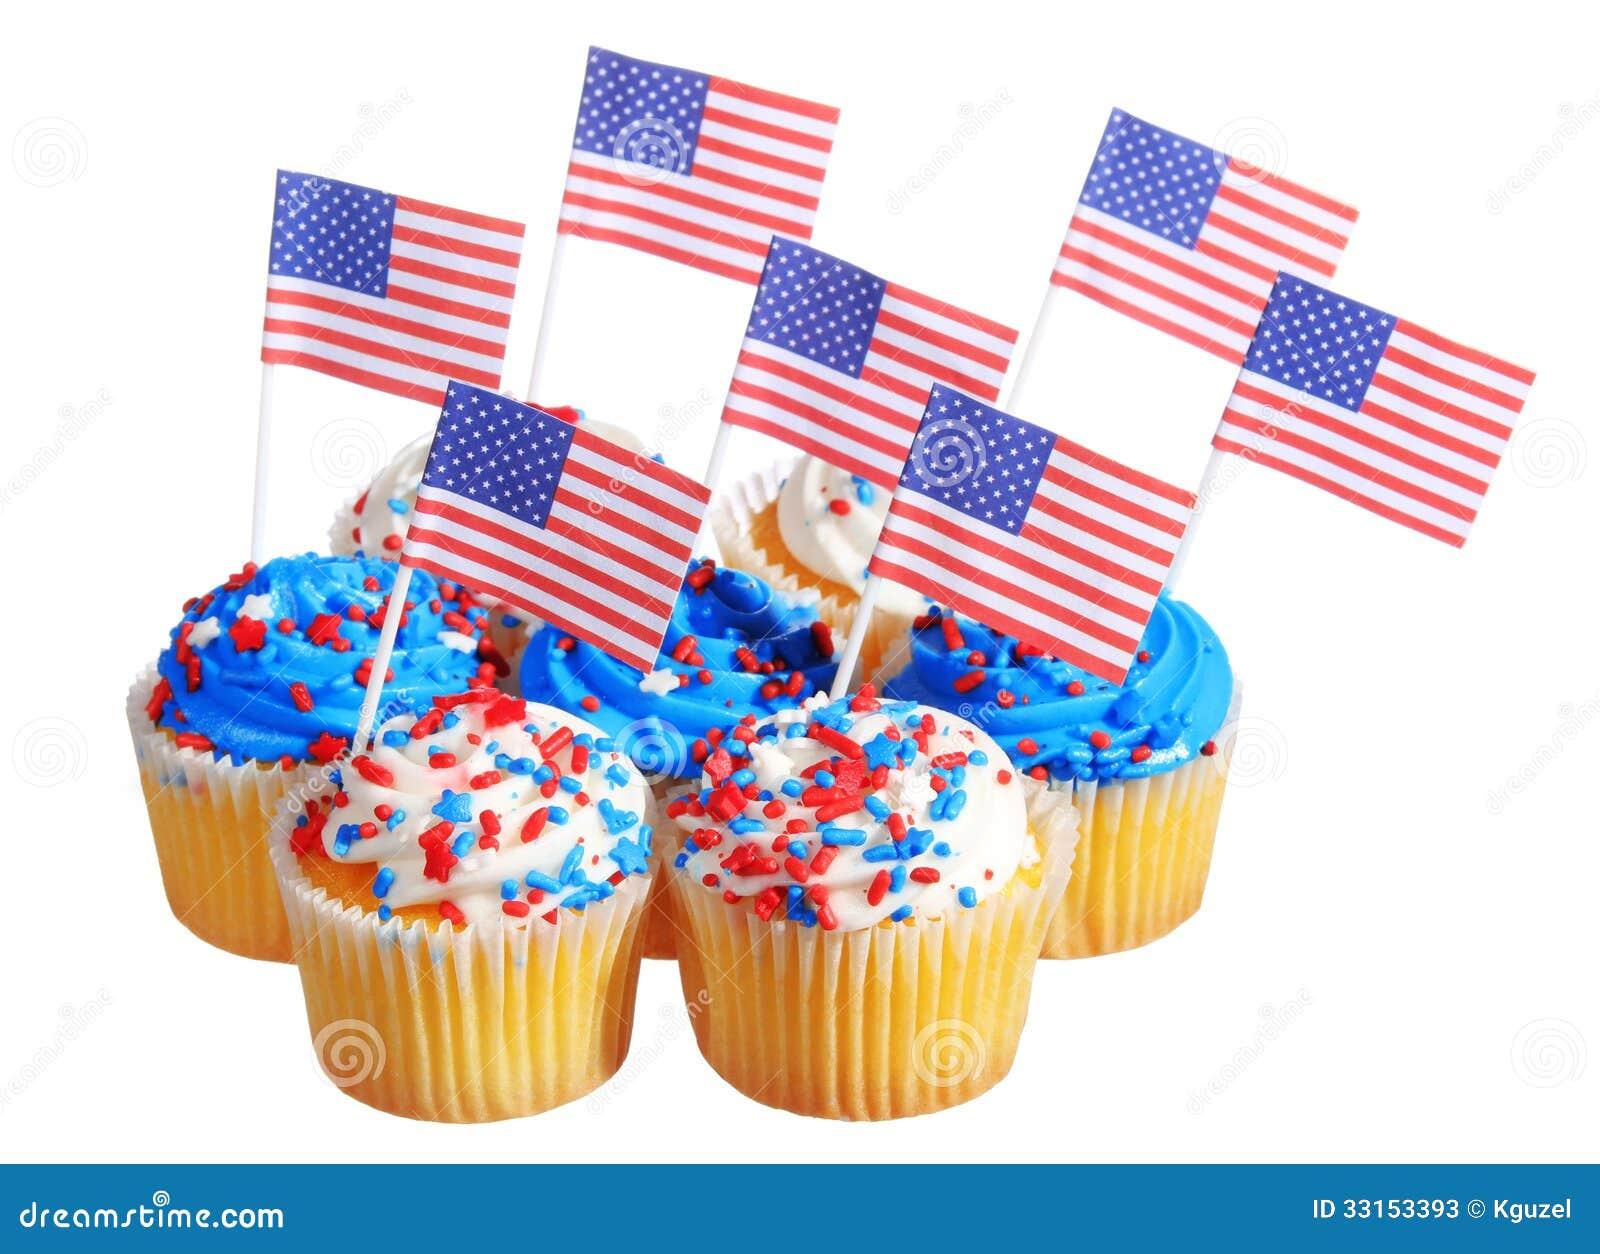 Die Patriotischen Kleinen Kuchen Die Mit Amerikanischen Flaggen Und